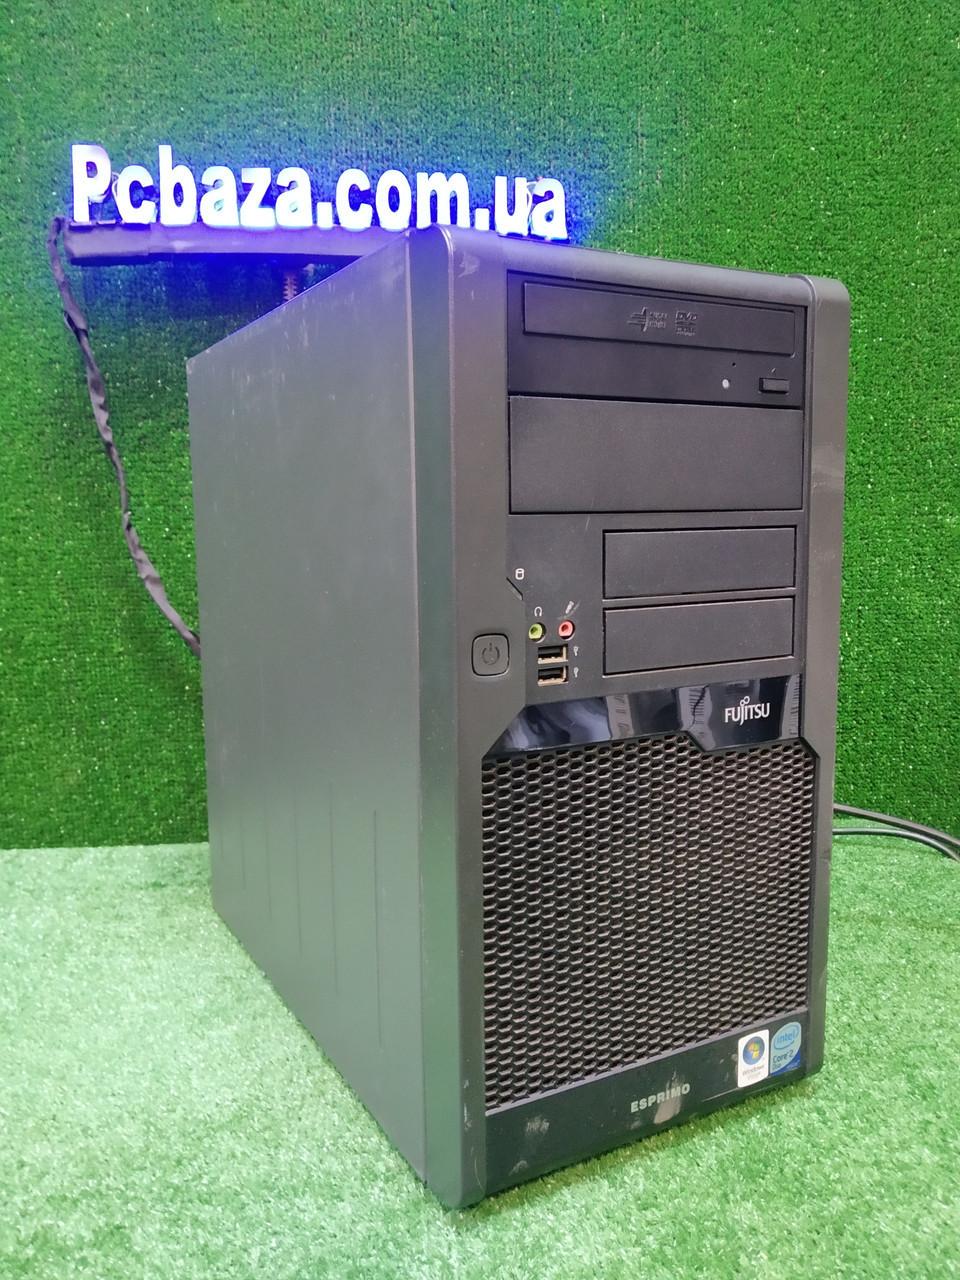 ПК Fujitsu для игр и 3D мод, Intel 4 ядра, 8 ГБ, 160 ГБ, Nvidia Quadro 2000(GTS 450) Настроен!